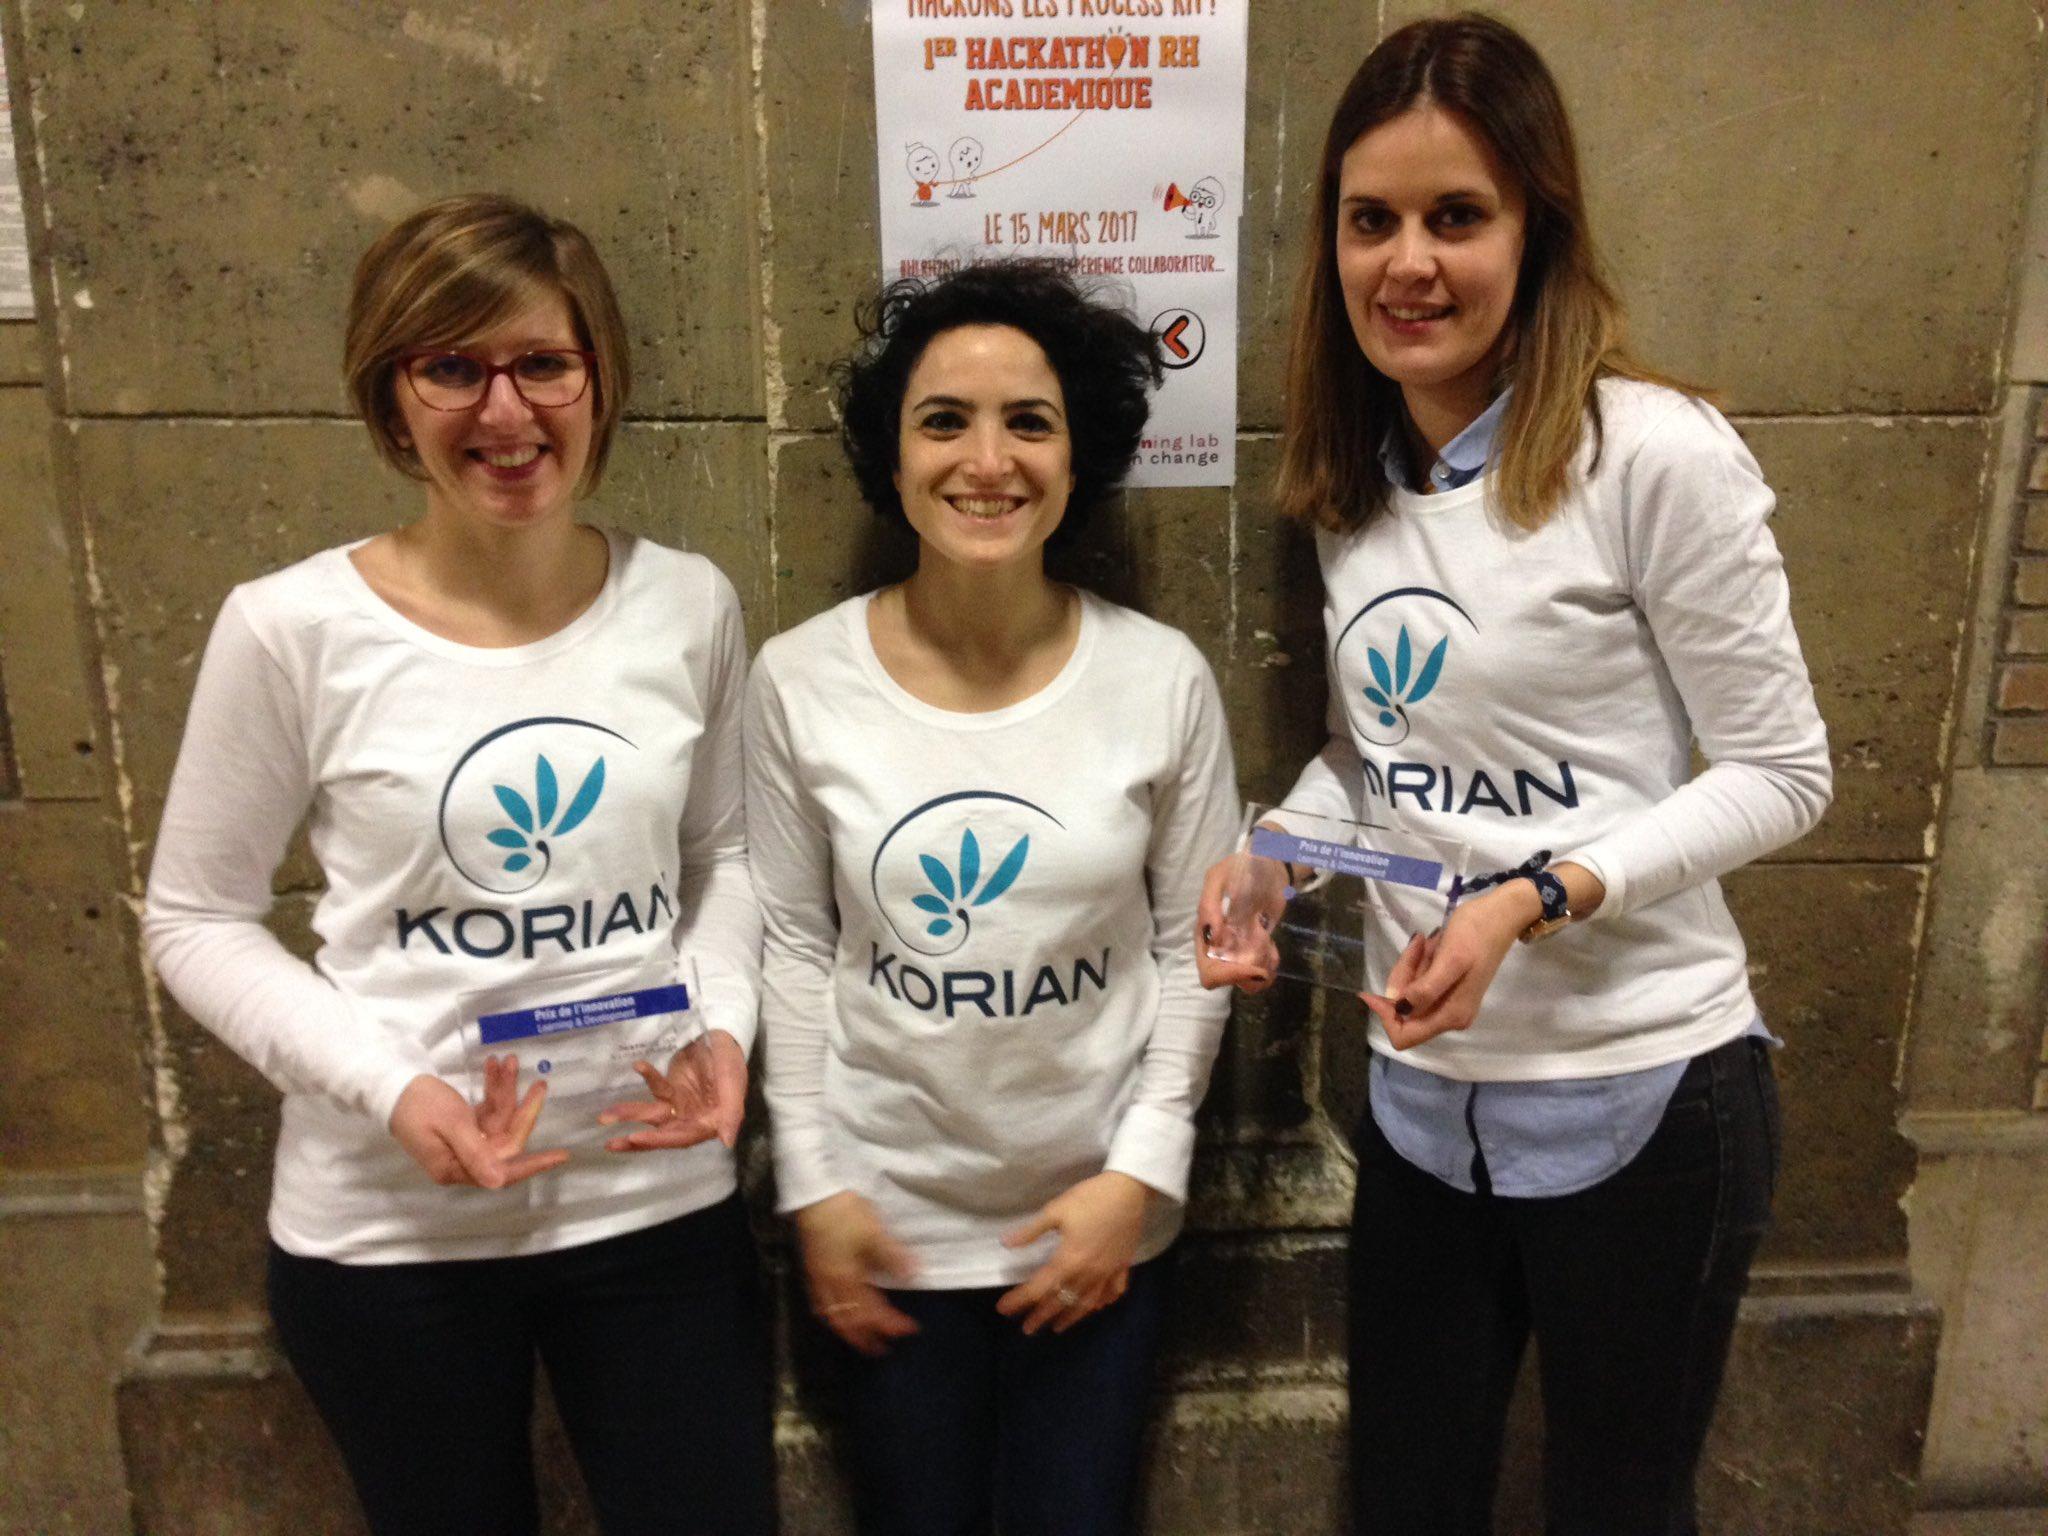 Célia, Estelle, Ophelie (abs. de la photo malheureusement 😢) et moi. #dreamteam @_Groupe_Korian !!!! Fières de nos 2 prix ! #hlrh2017 😊 https://t.co/64G6z6RHsN